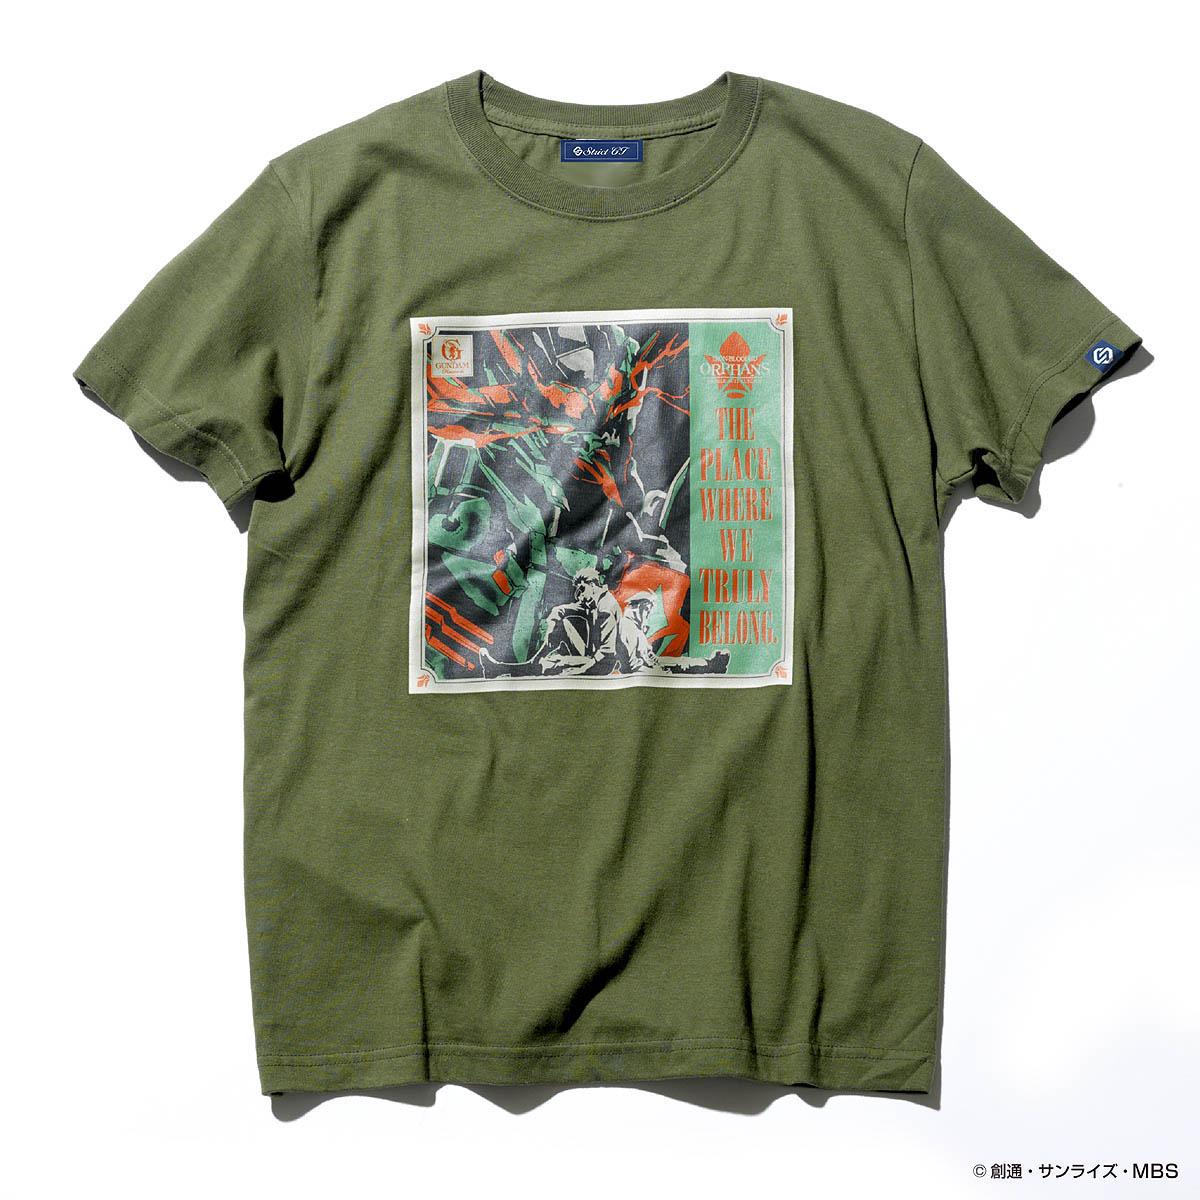 STRICT-G GUNDAM RECORDS 『機動戦士ガンダム 鉄血のオルフェンズ』Tシャツ